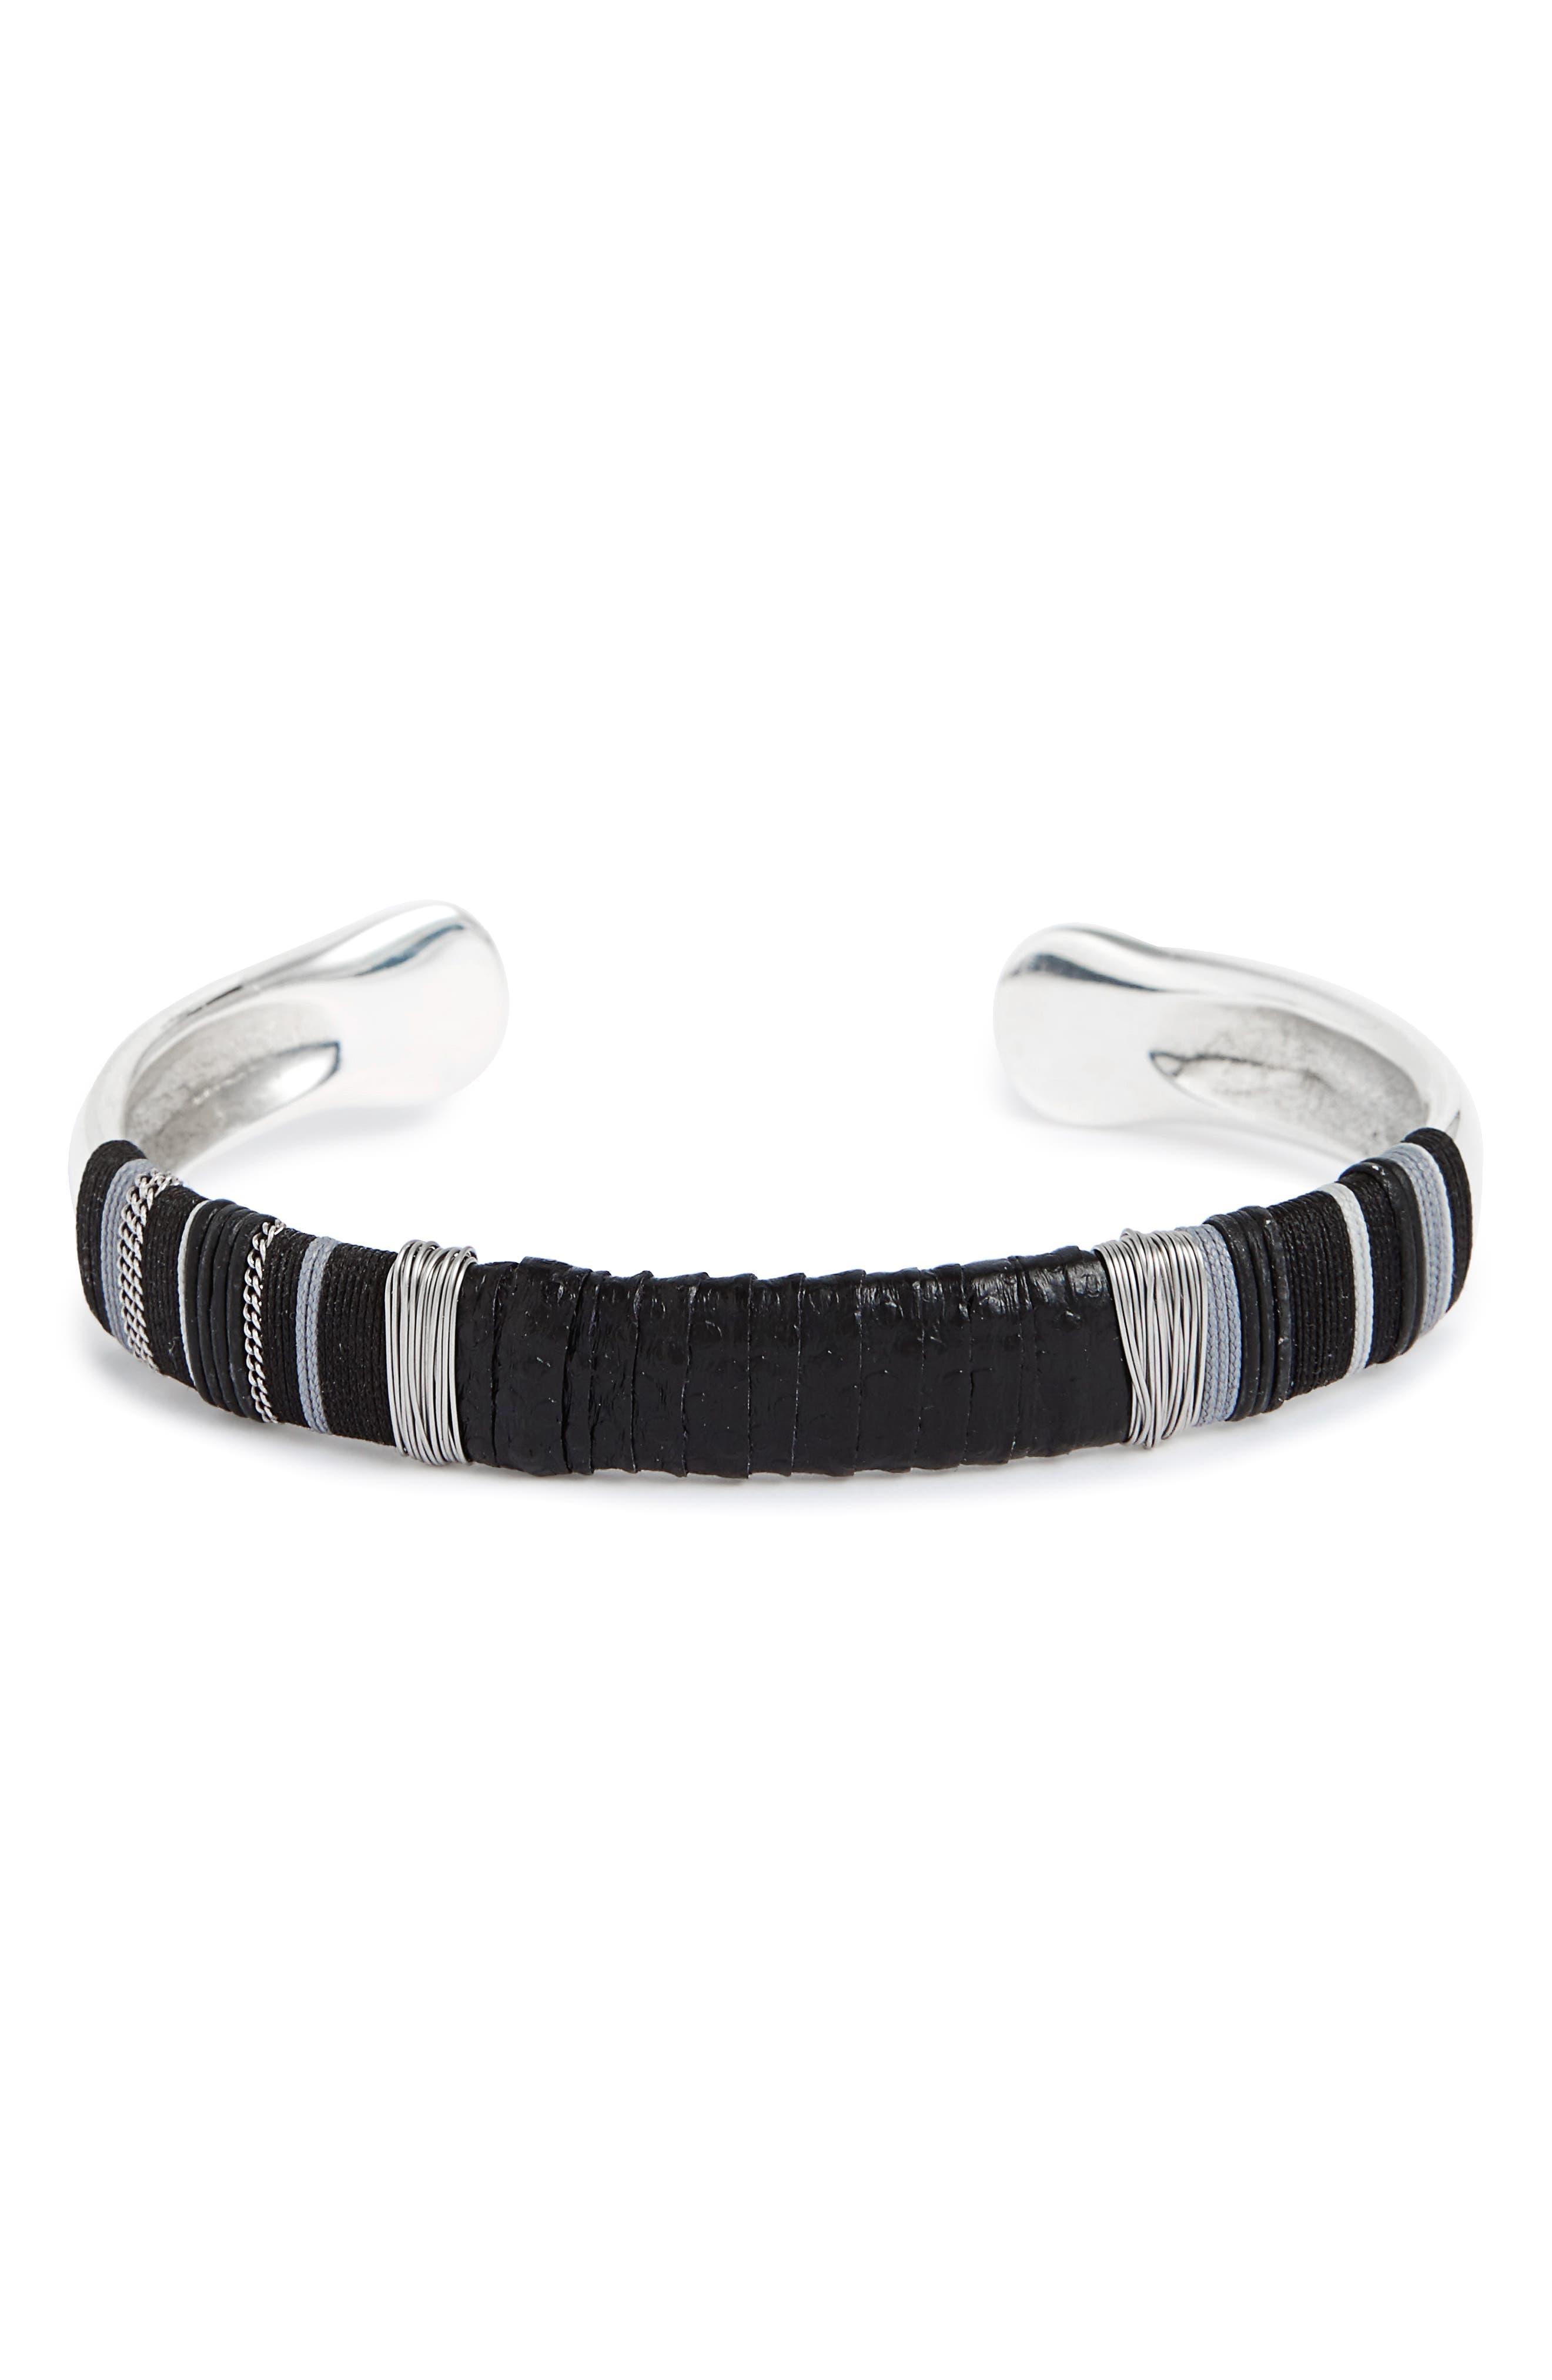 Main Image - Gas Bijoux Massai Snakeskin Cuff Bracelet